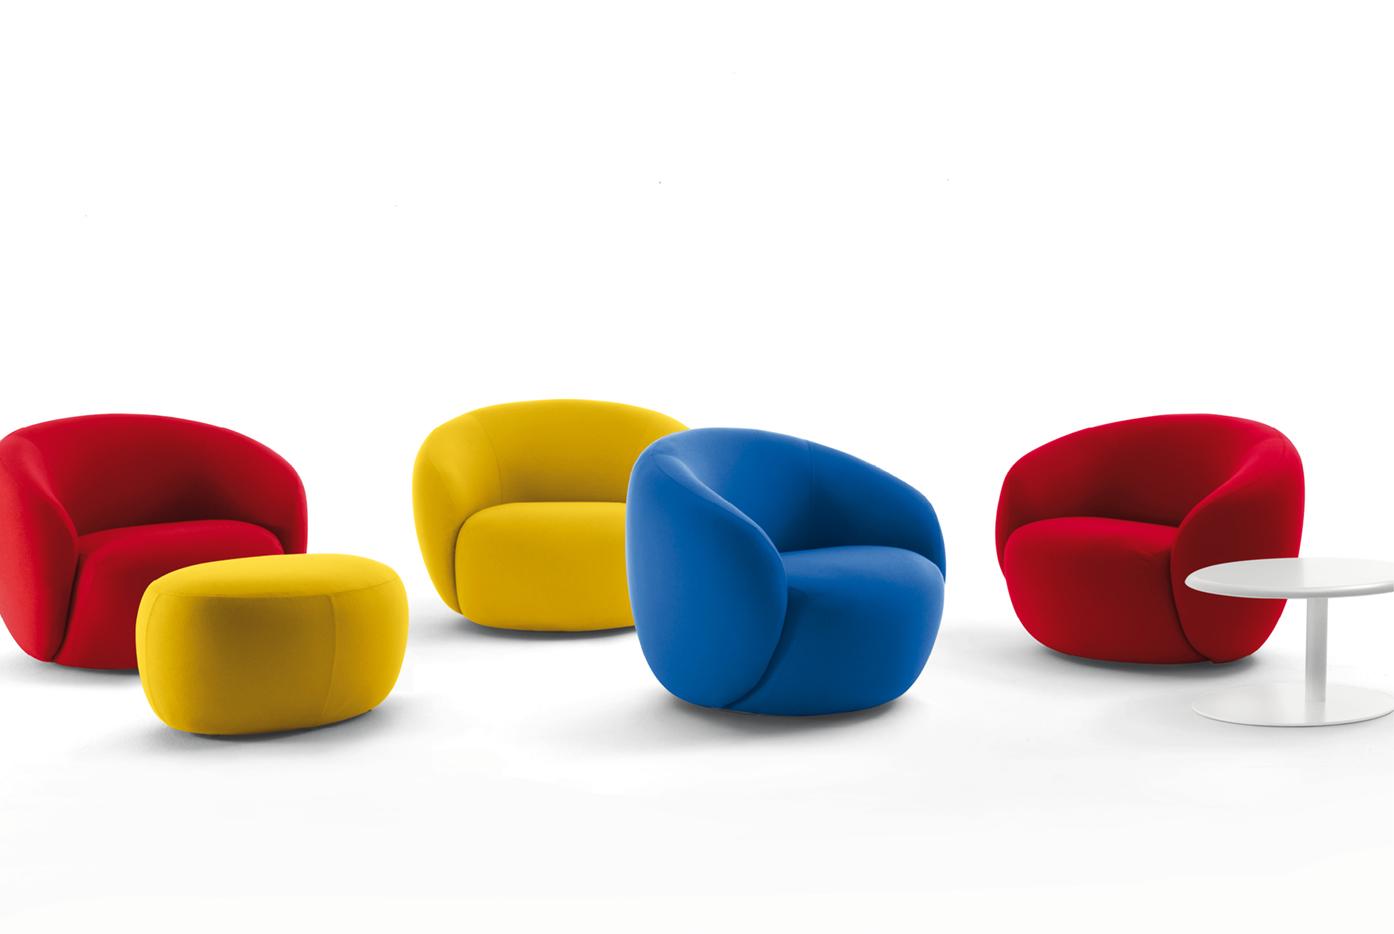 Fauteuils Pour Accueil Design Montpellier Nîmes Béziers - Fauteuil de couleur design